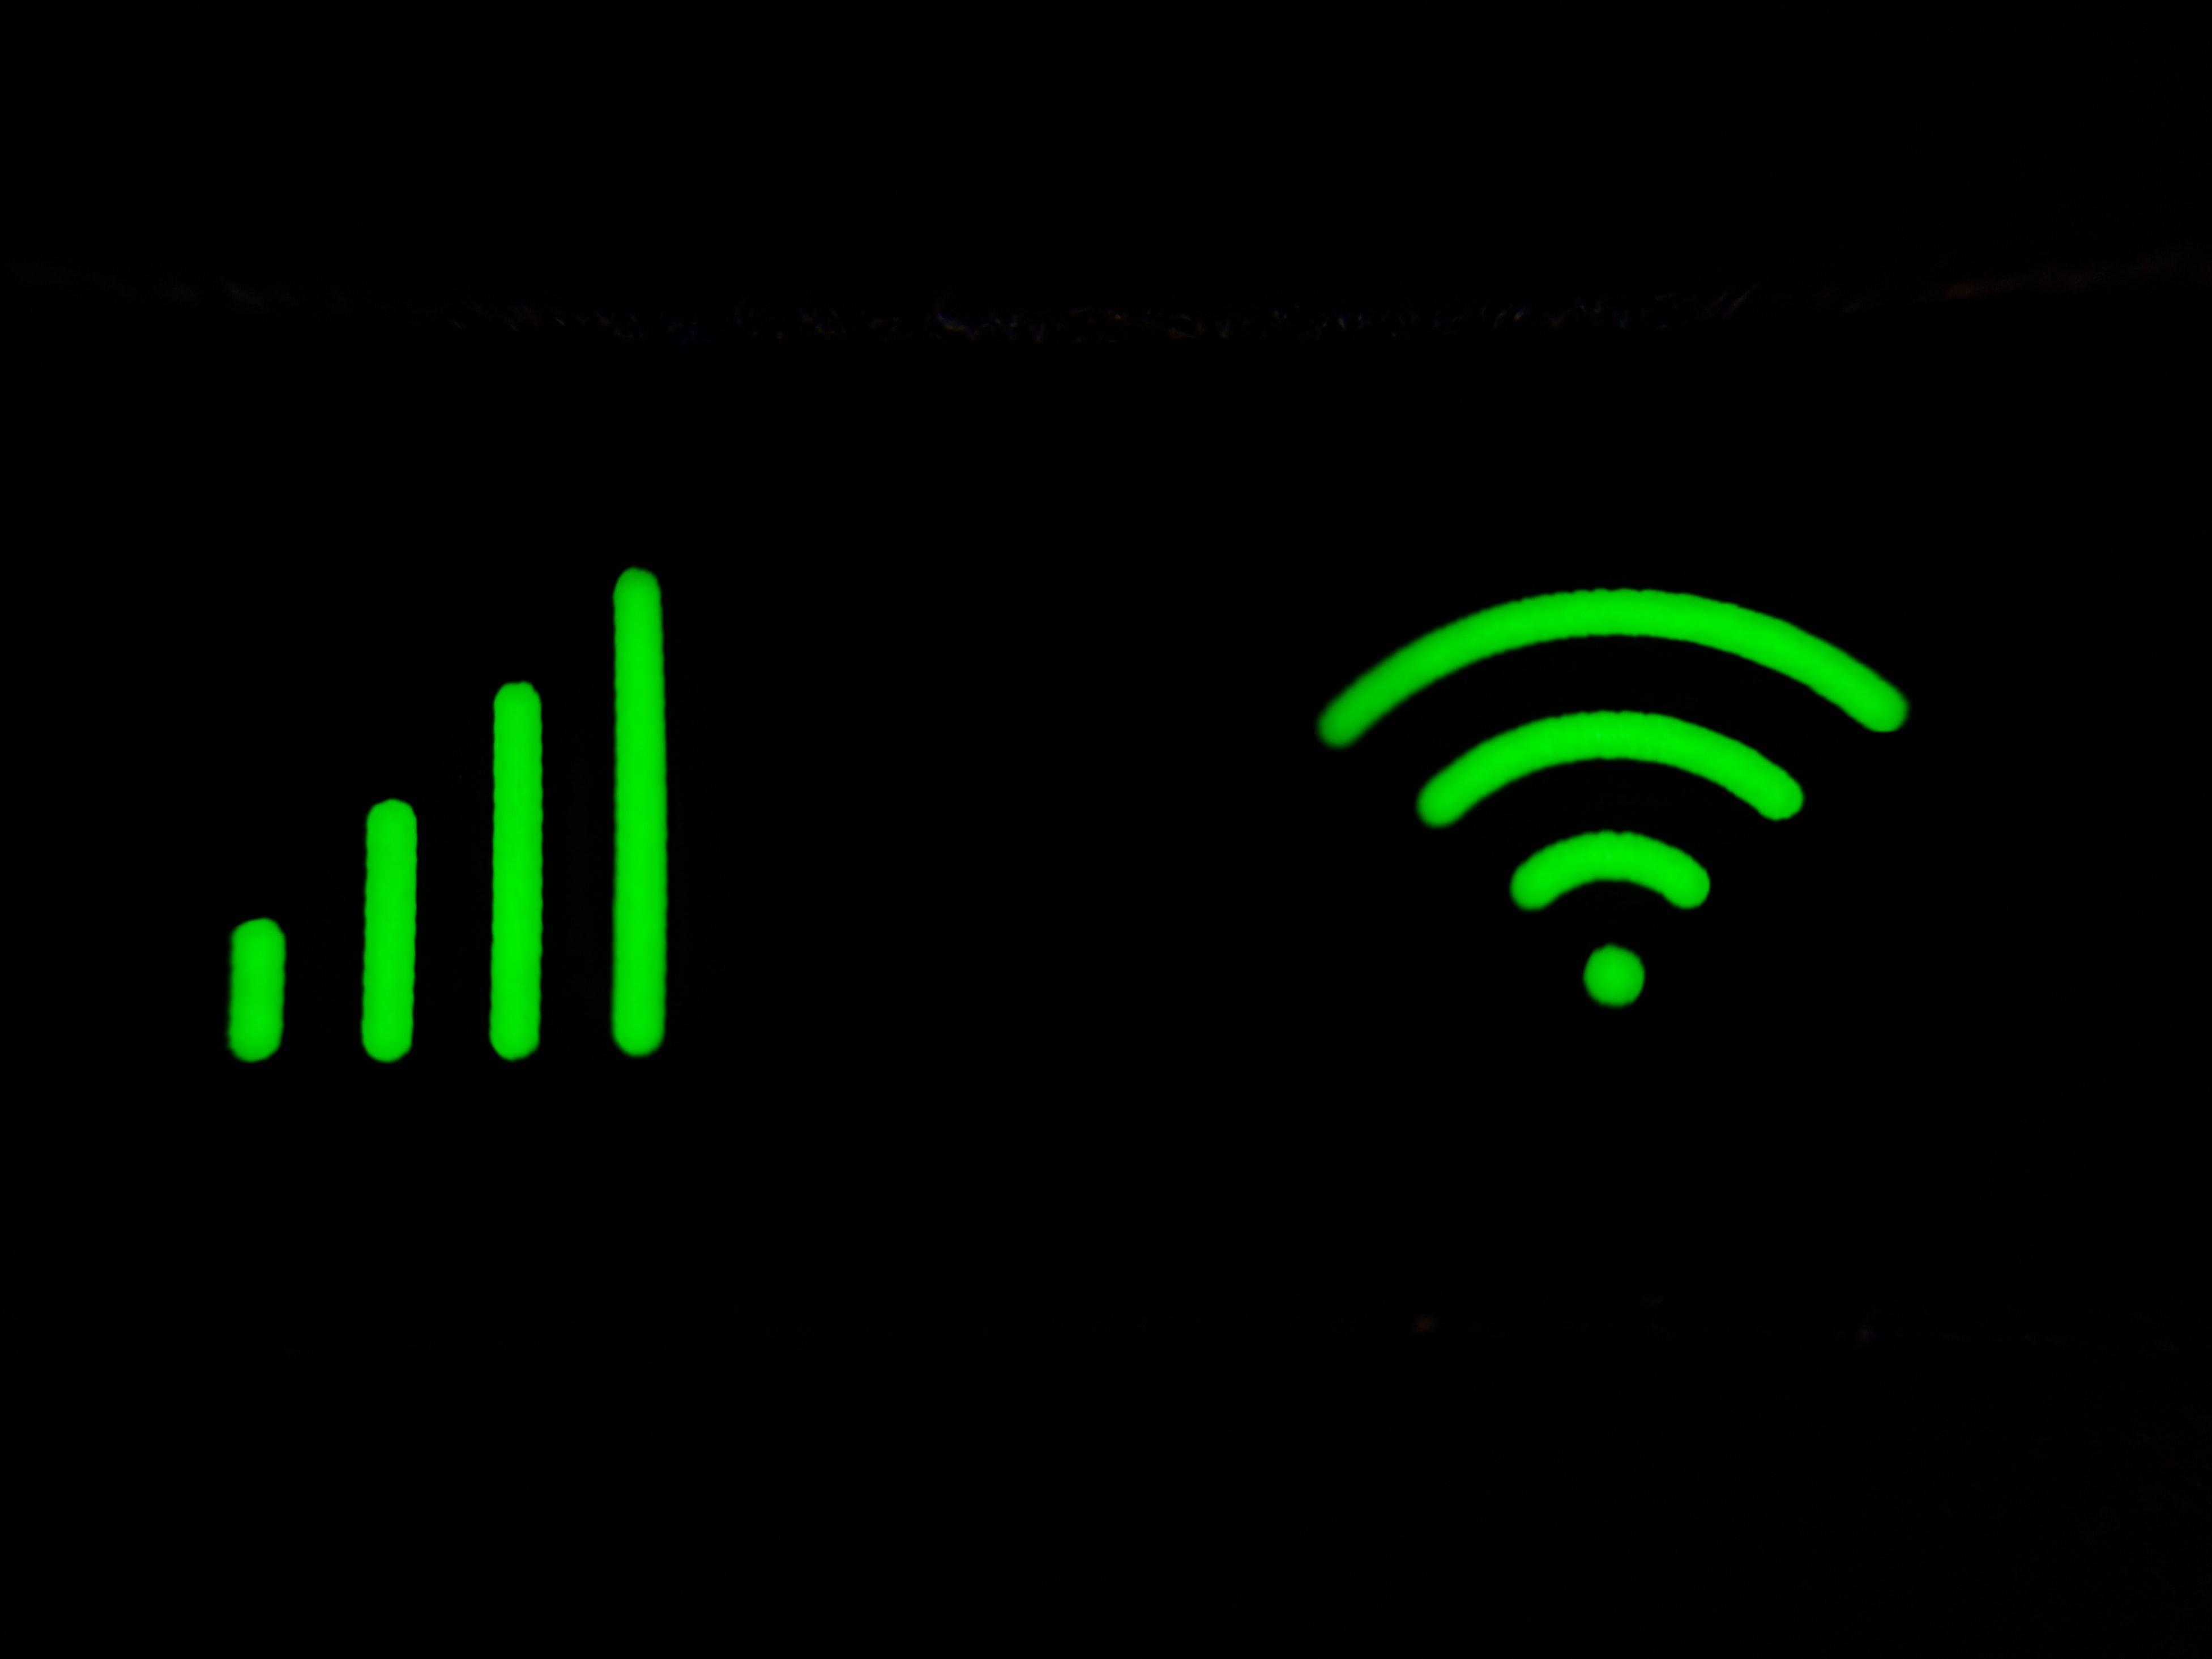 「 テレワークをするときのWi-Fiの通信速度はどれくらいが目安?」という記事中のイメージ画像です。